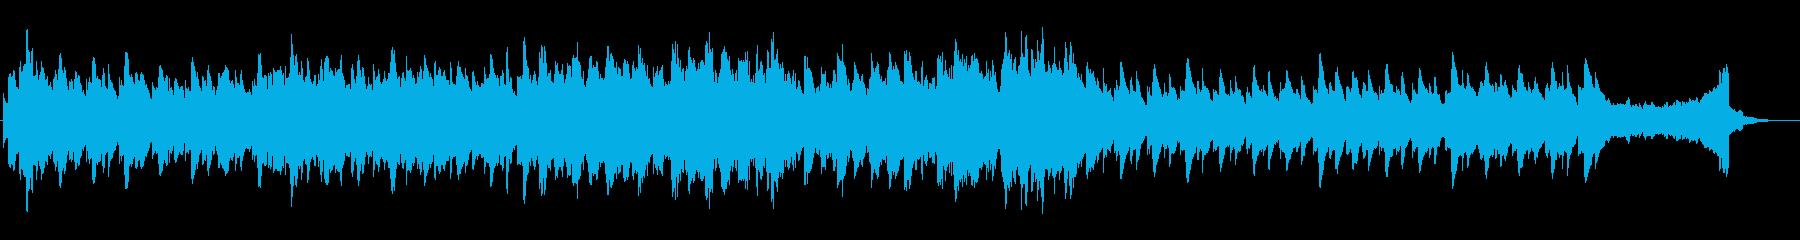 幻想的な夜に聴きたい 神秘的バラードの再生済みの波形